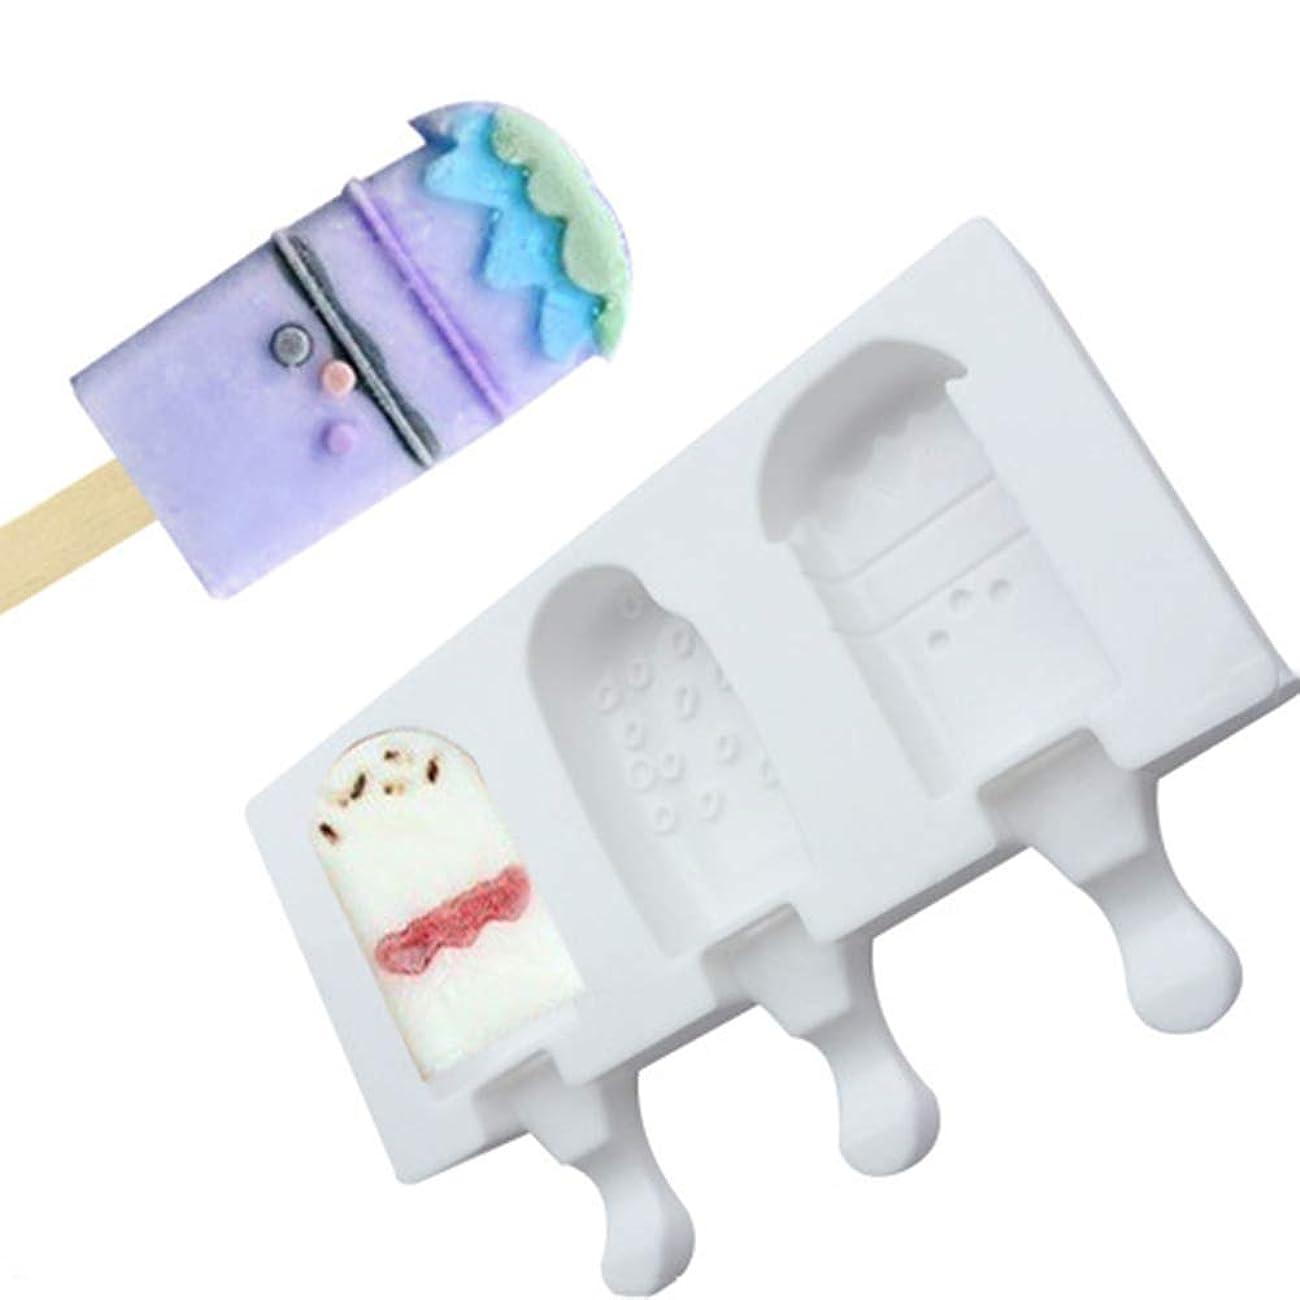 と組む混合ママMessagee アイスキャンディー型 製氷器 アイスクリーム金型 冷凍アイス DIYモールド 家庭用アイスクリームセット 2/3/4/8本取